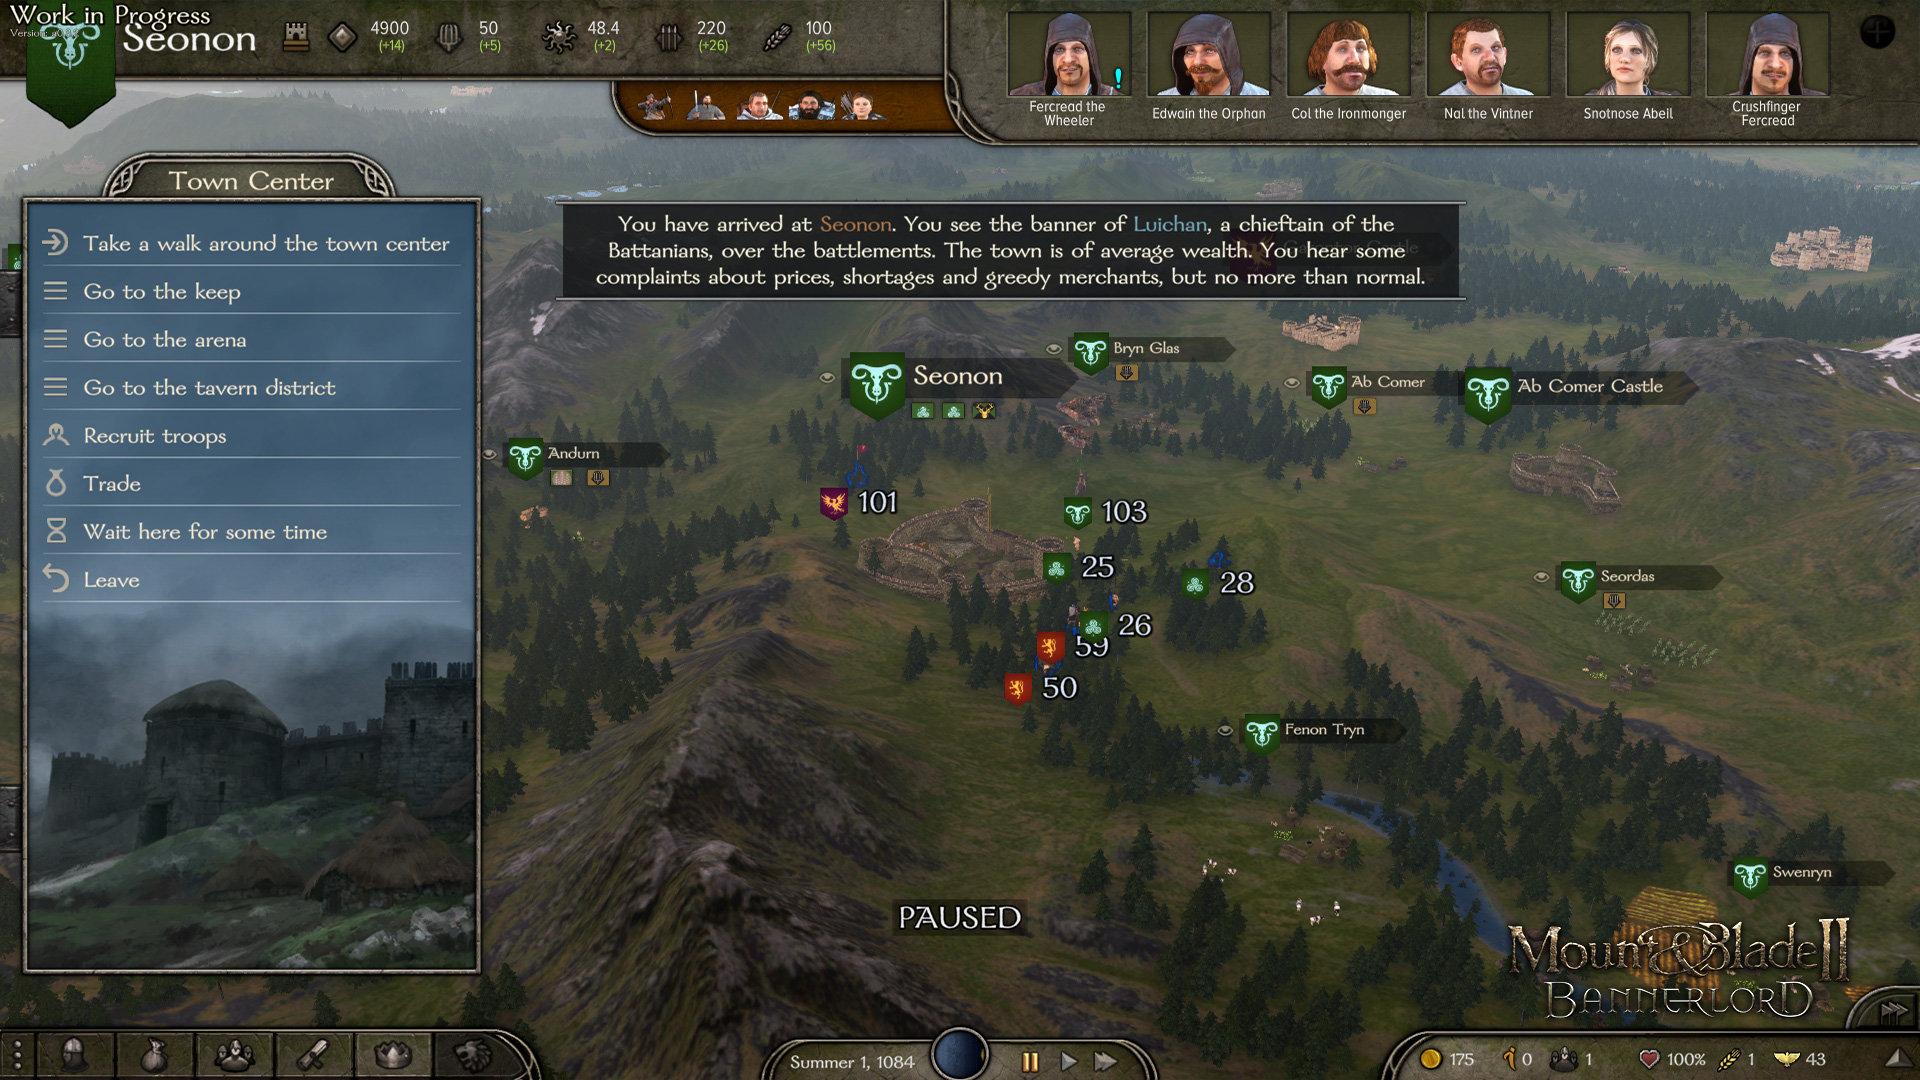 GC 2019:《骑马与砍杀2》联机模式今日首测 EA版明年3月发布